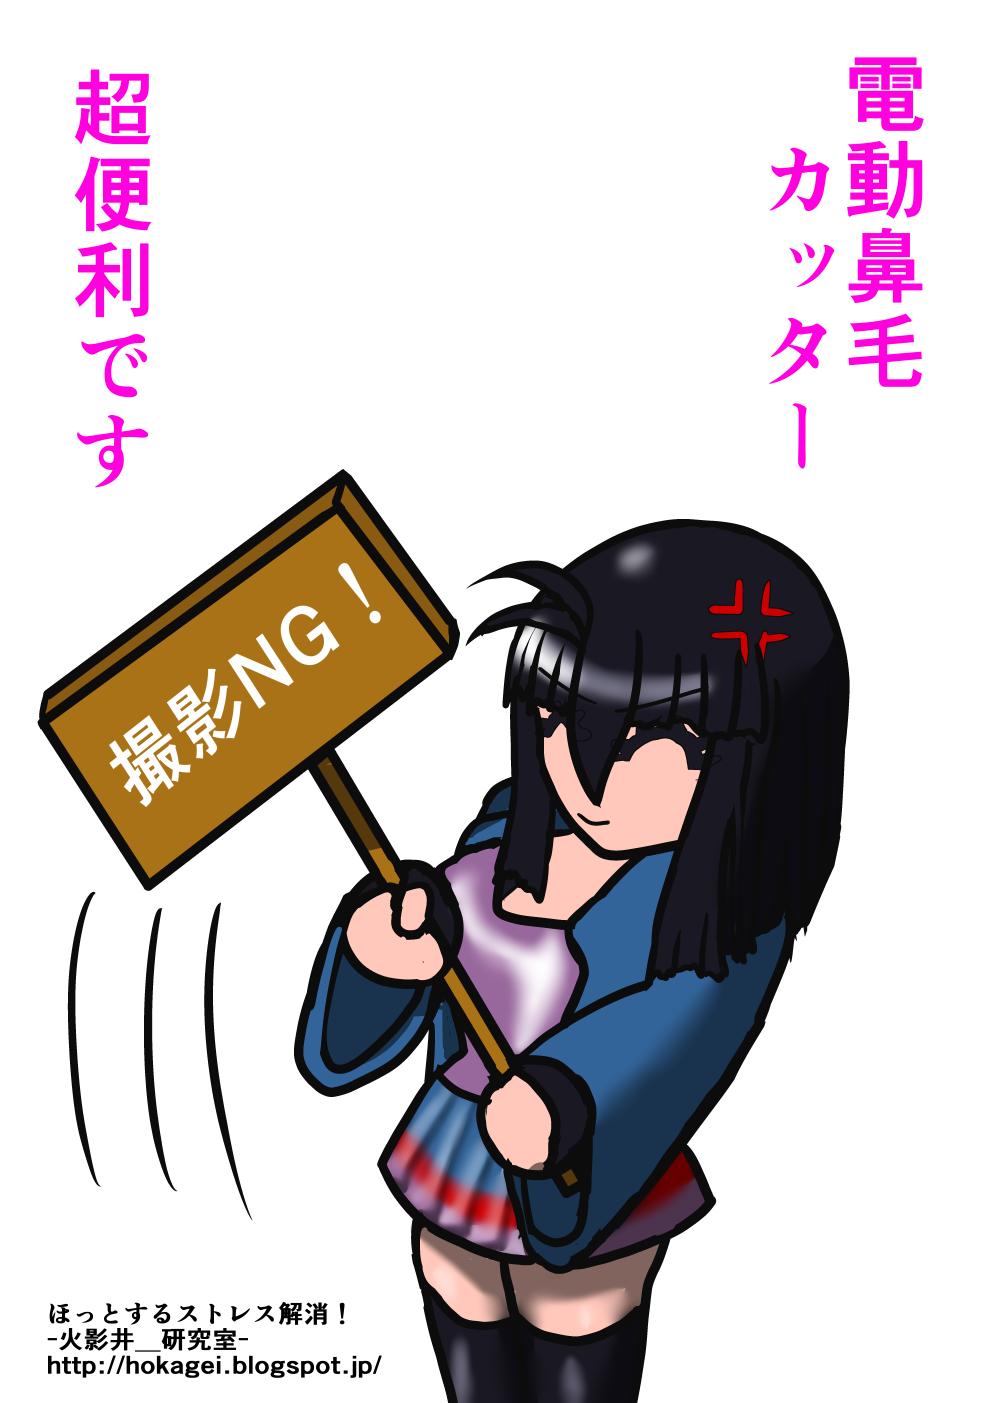 【ほっとする】電動鼻毛カッター!!【今日の楓さんラクガキ】